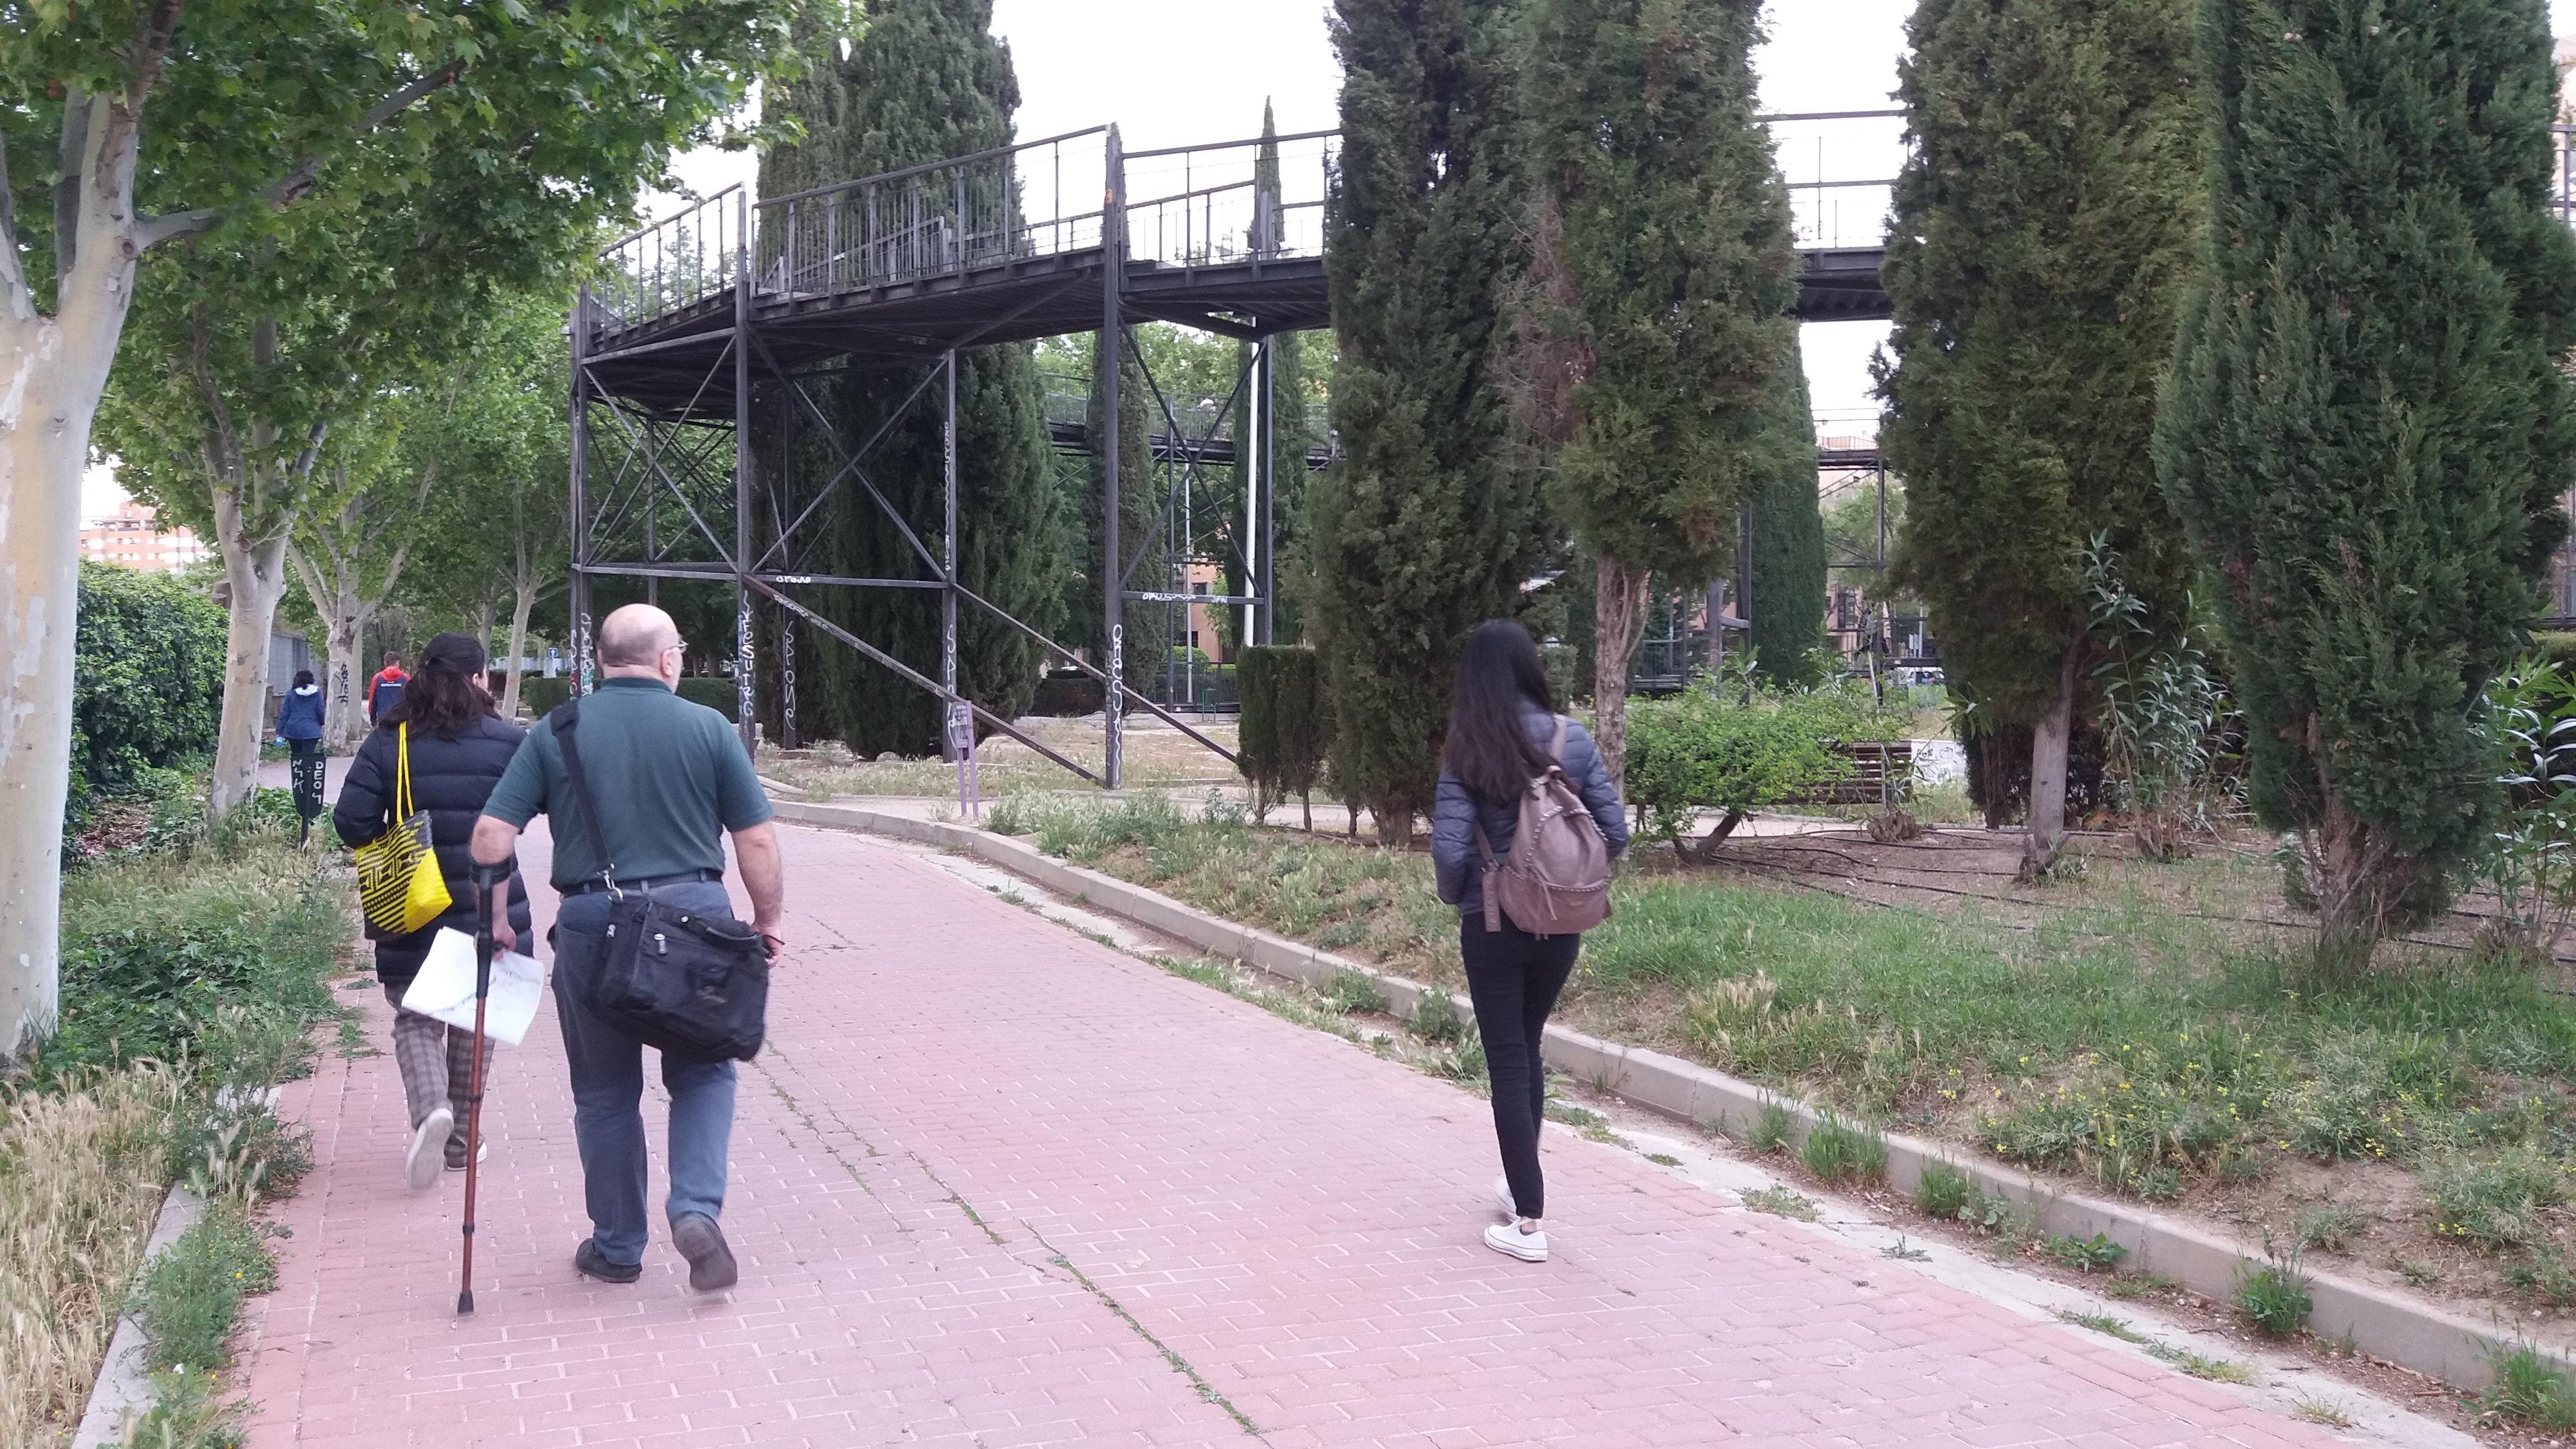 Cuaderno de caminantes - Herramienta de registro al caminar